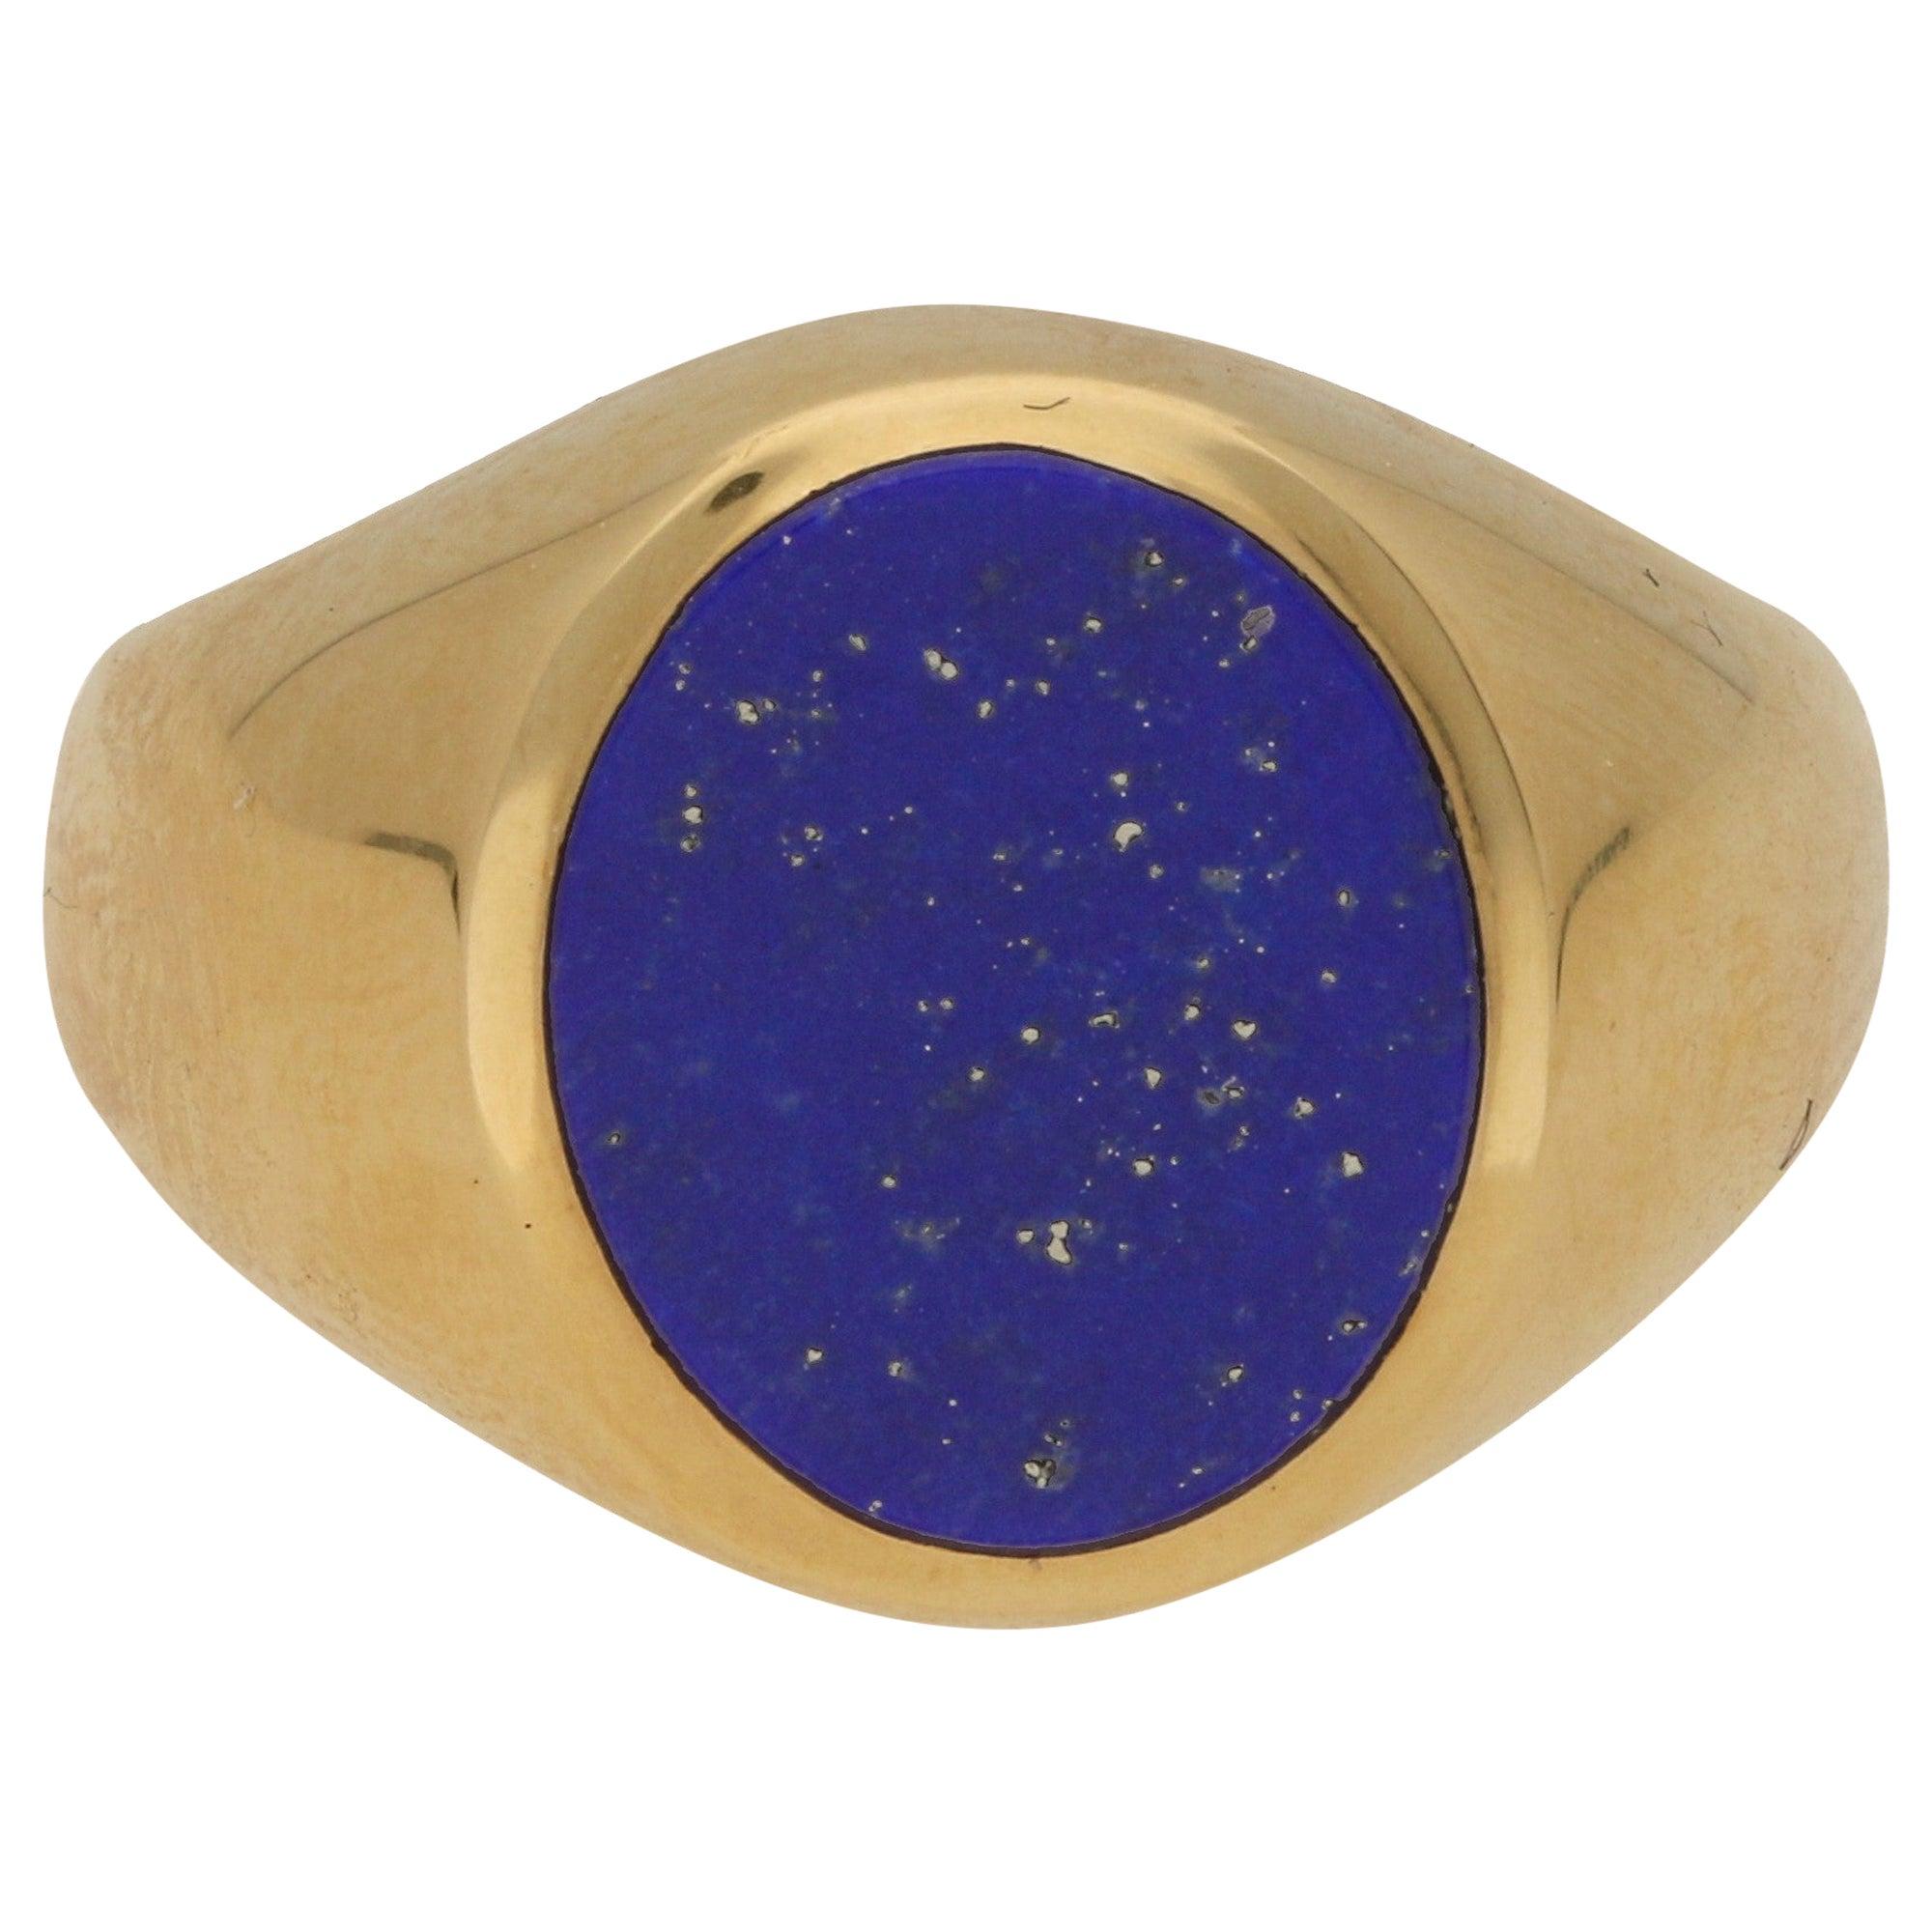 Royal Blue Lapis Lazuli Stone Signet Ring Set in 18 Karat Yellow Gold